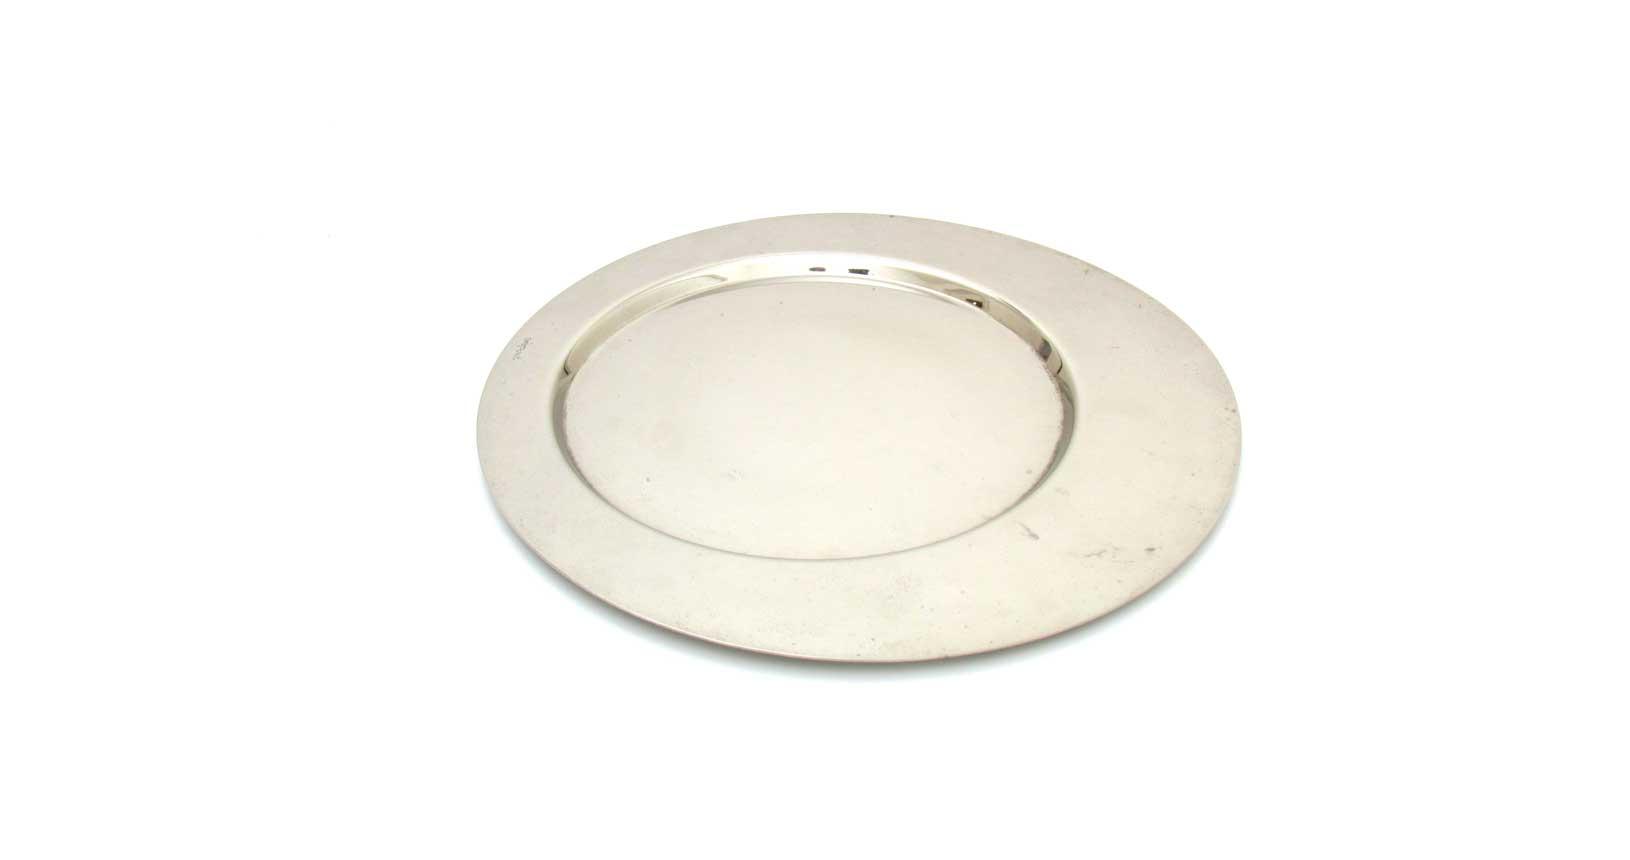 gio ponti cleto munari plate forme contemporanee carlo scarpa design vintage iconic design piatto vassoio silver cromo